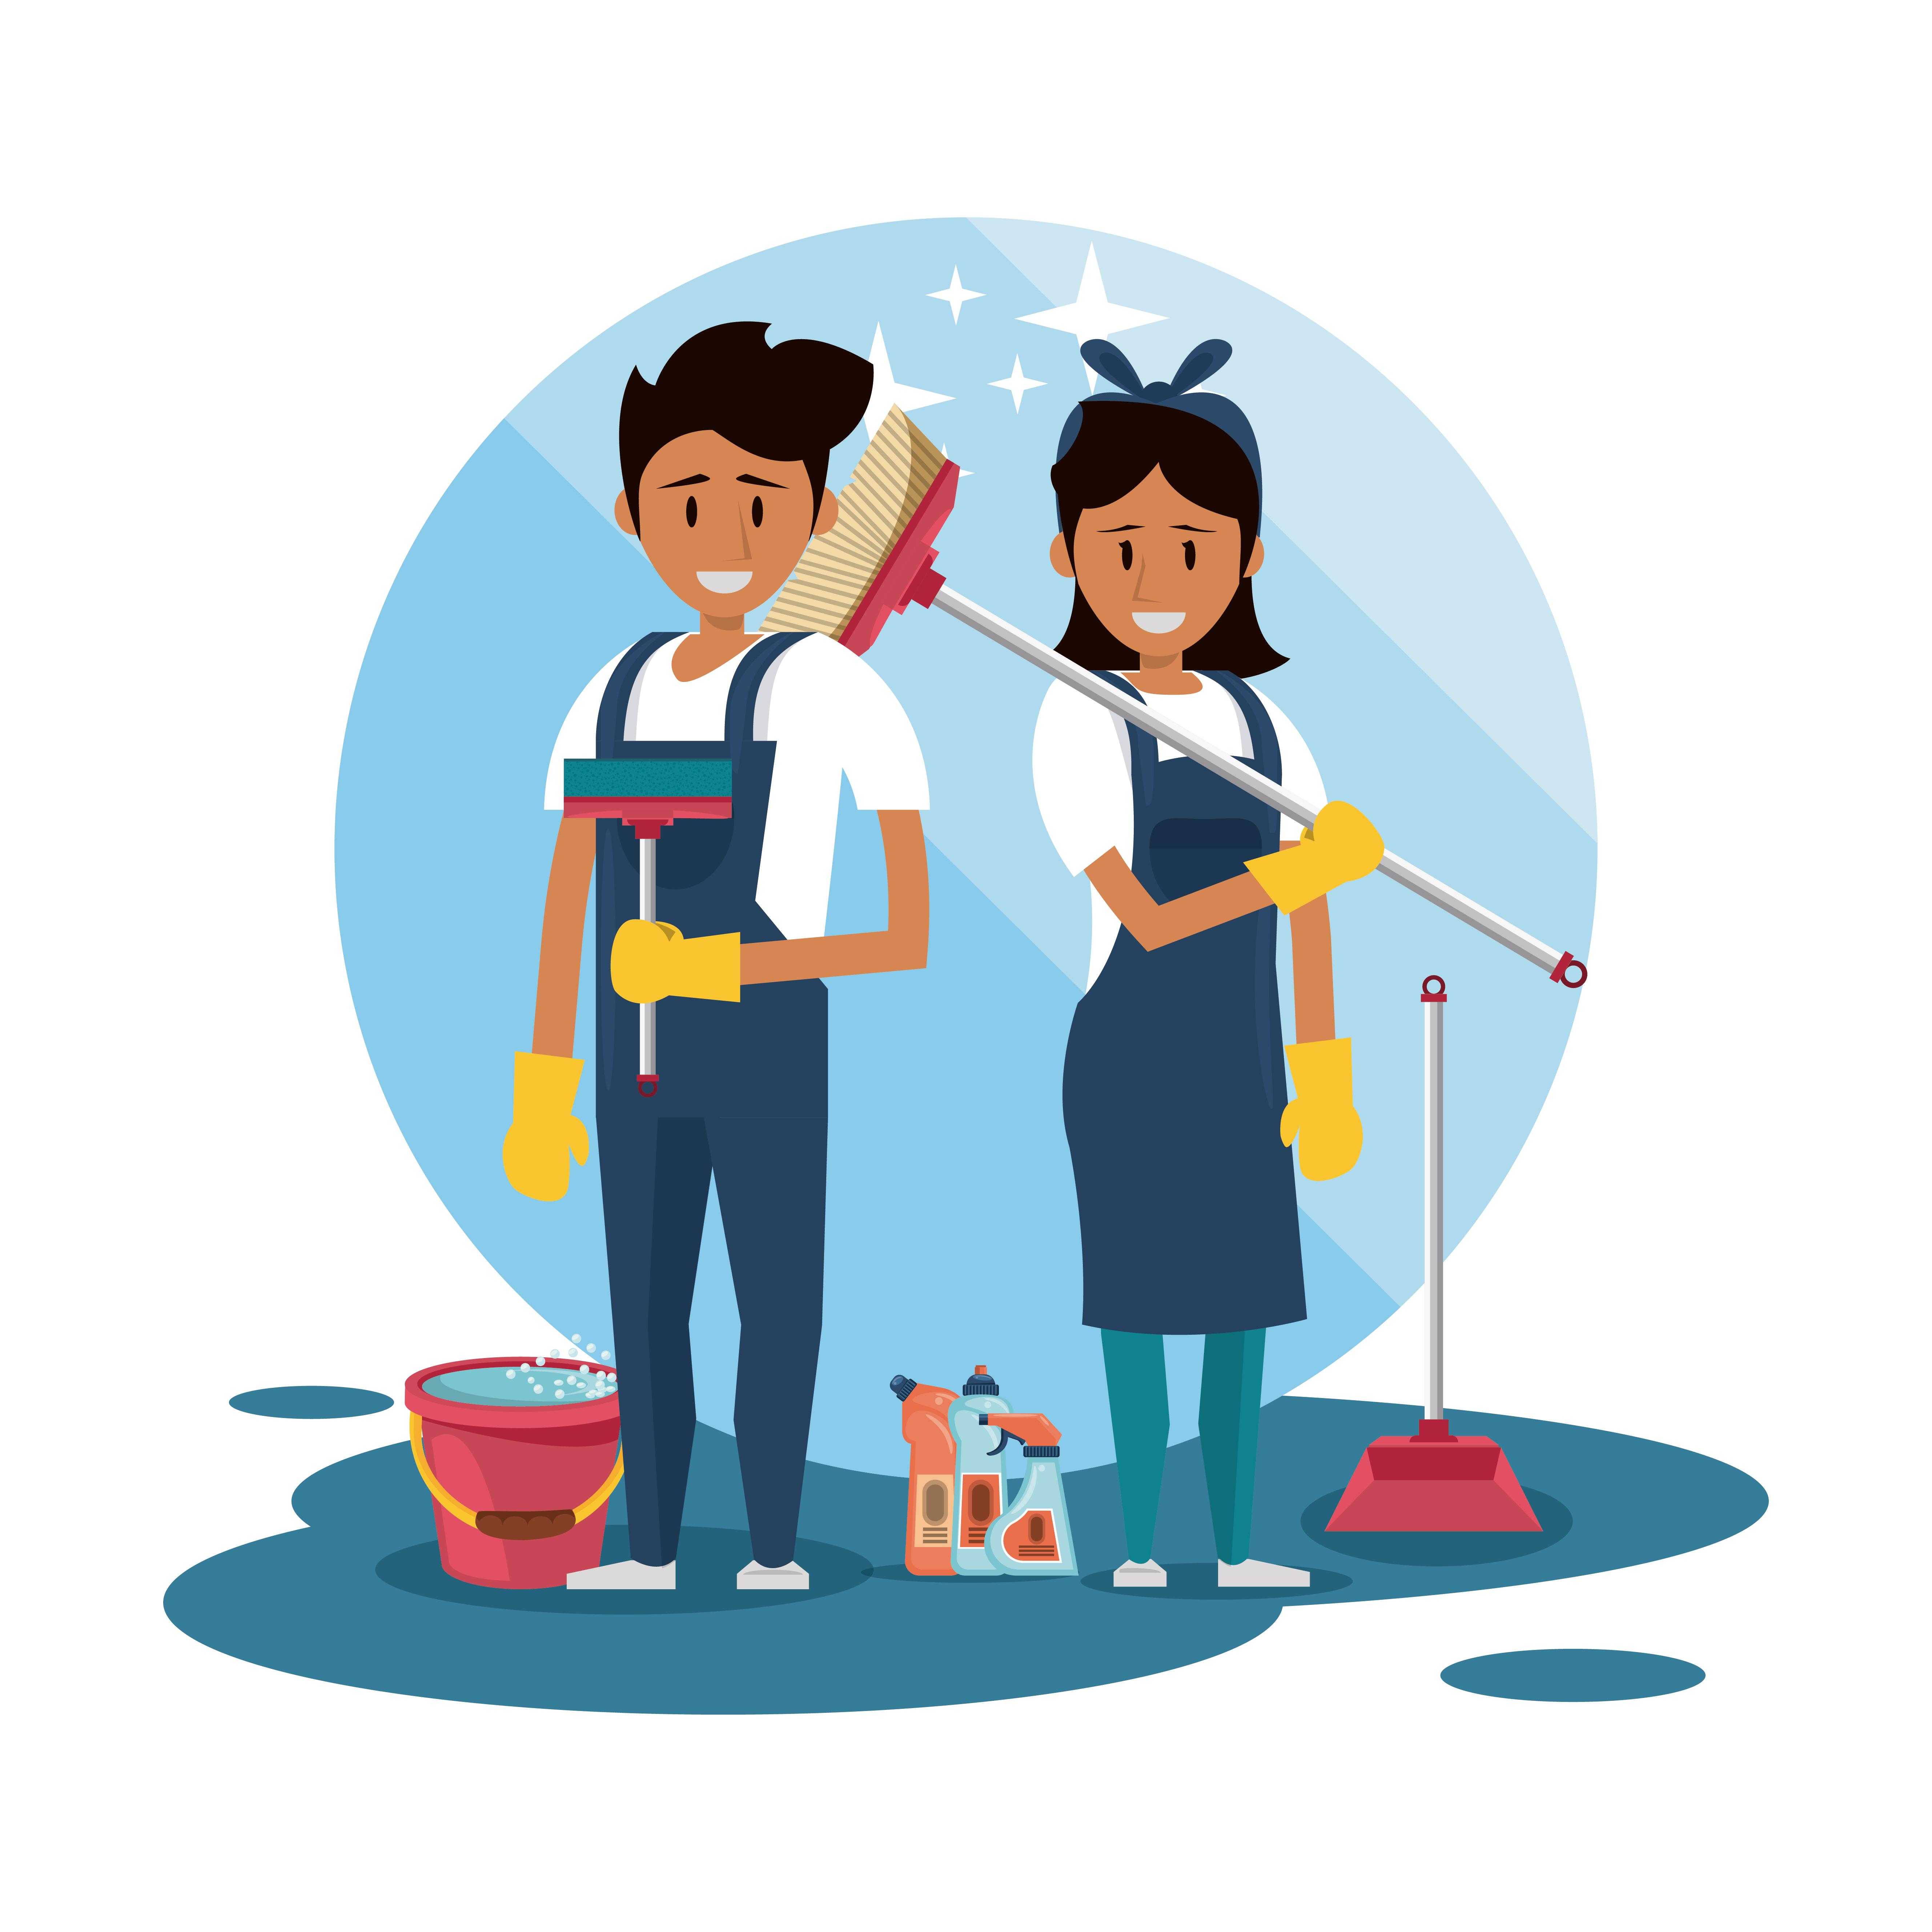 Le secteur de bâtiment a massivement besoin d'agents de nettoyage